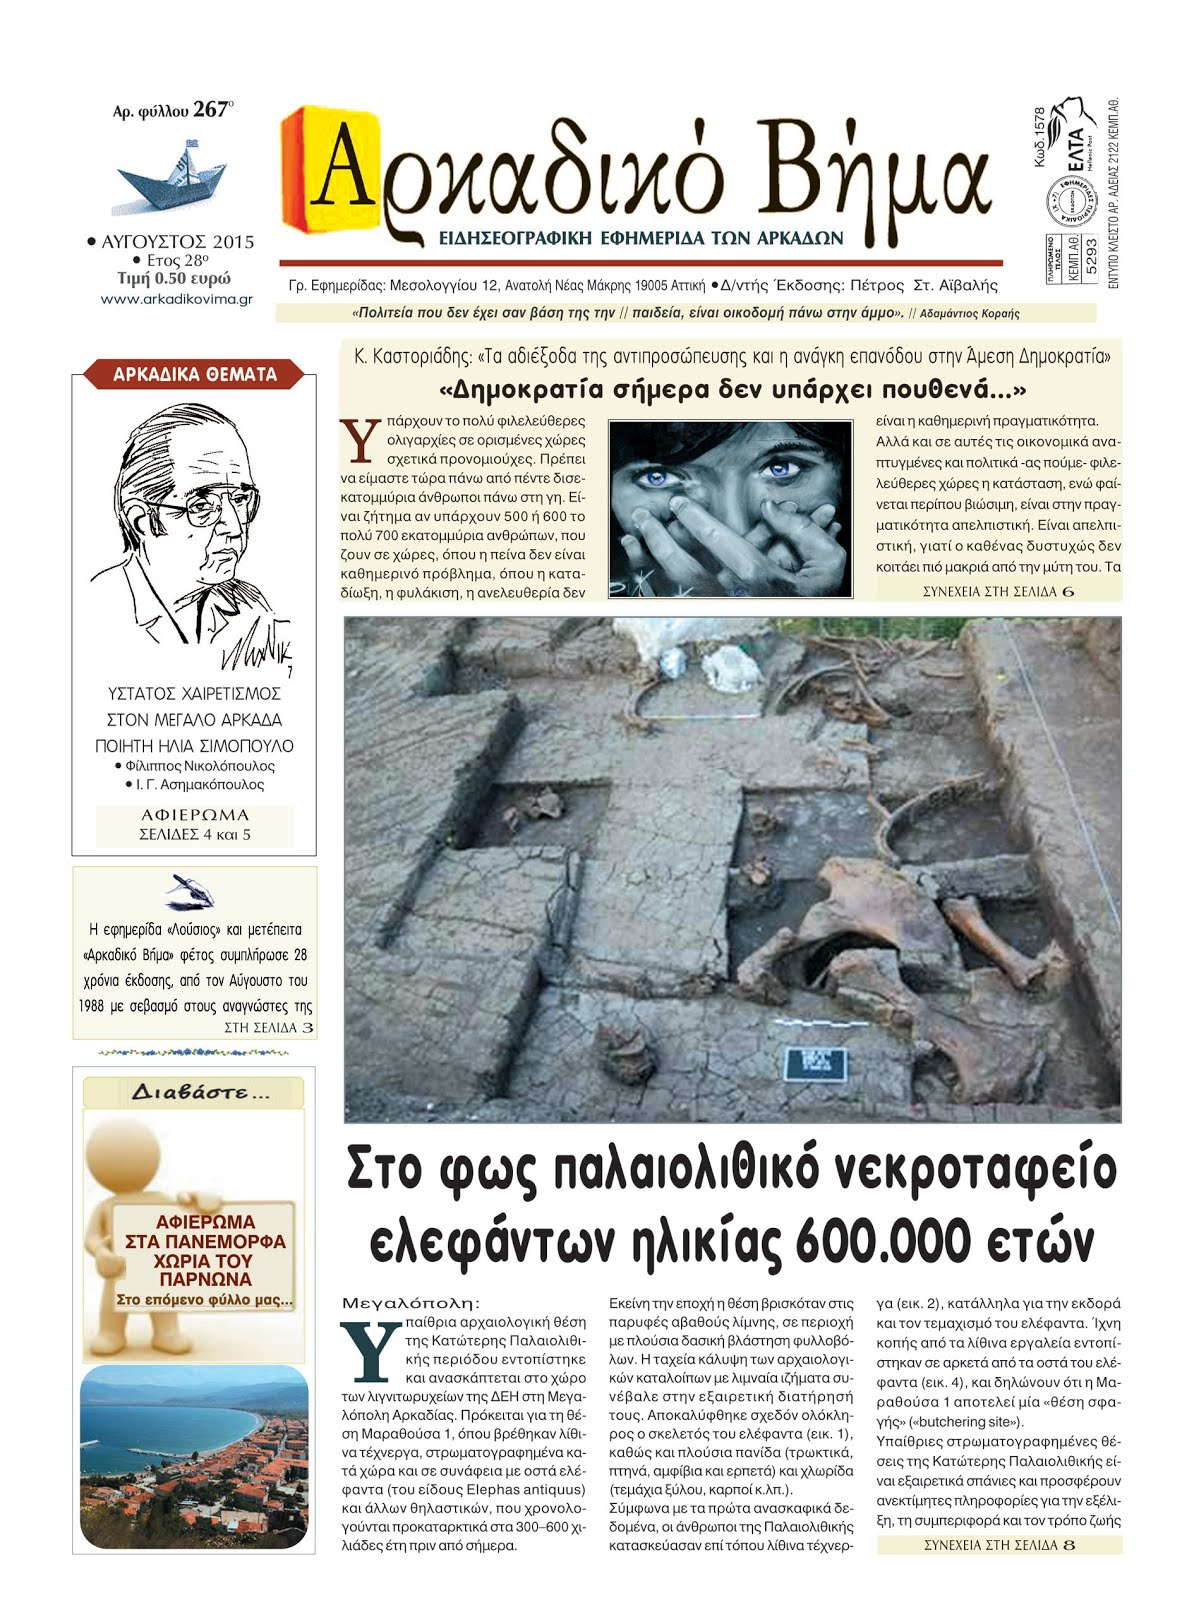 """Κυκλοφόρησε το νέο φύλλο της εφημερίδας """"Αρκαδικό Βήμα"""" με θέματα:"""